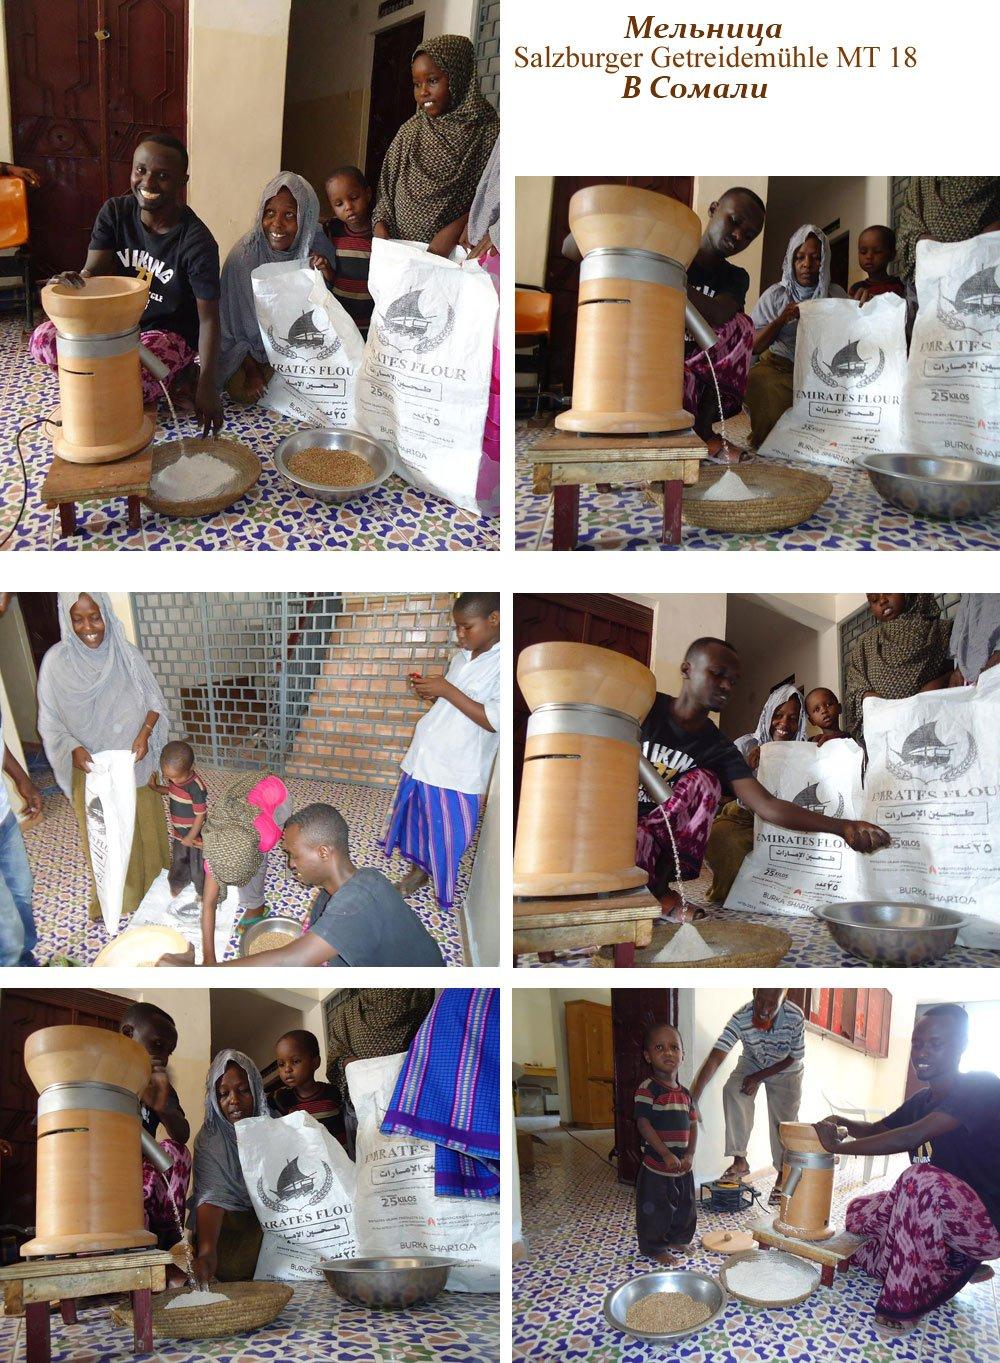 Презентация мельницы MT-18 в Сомали